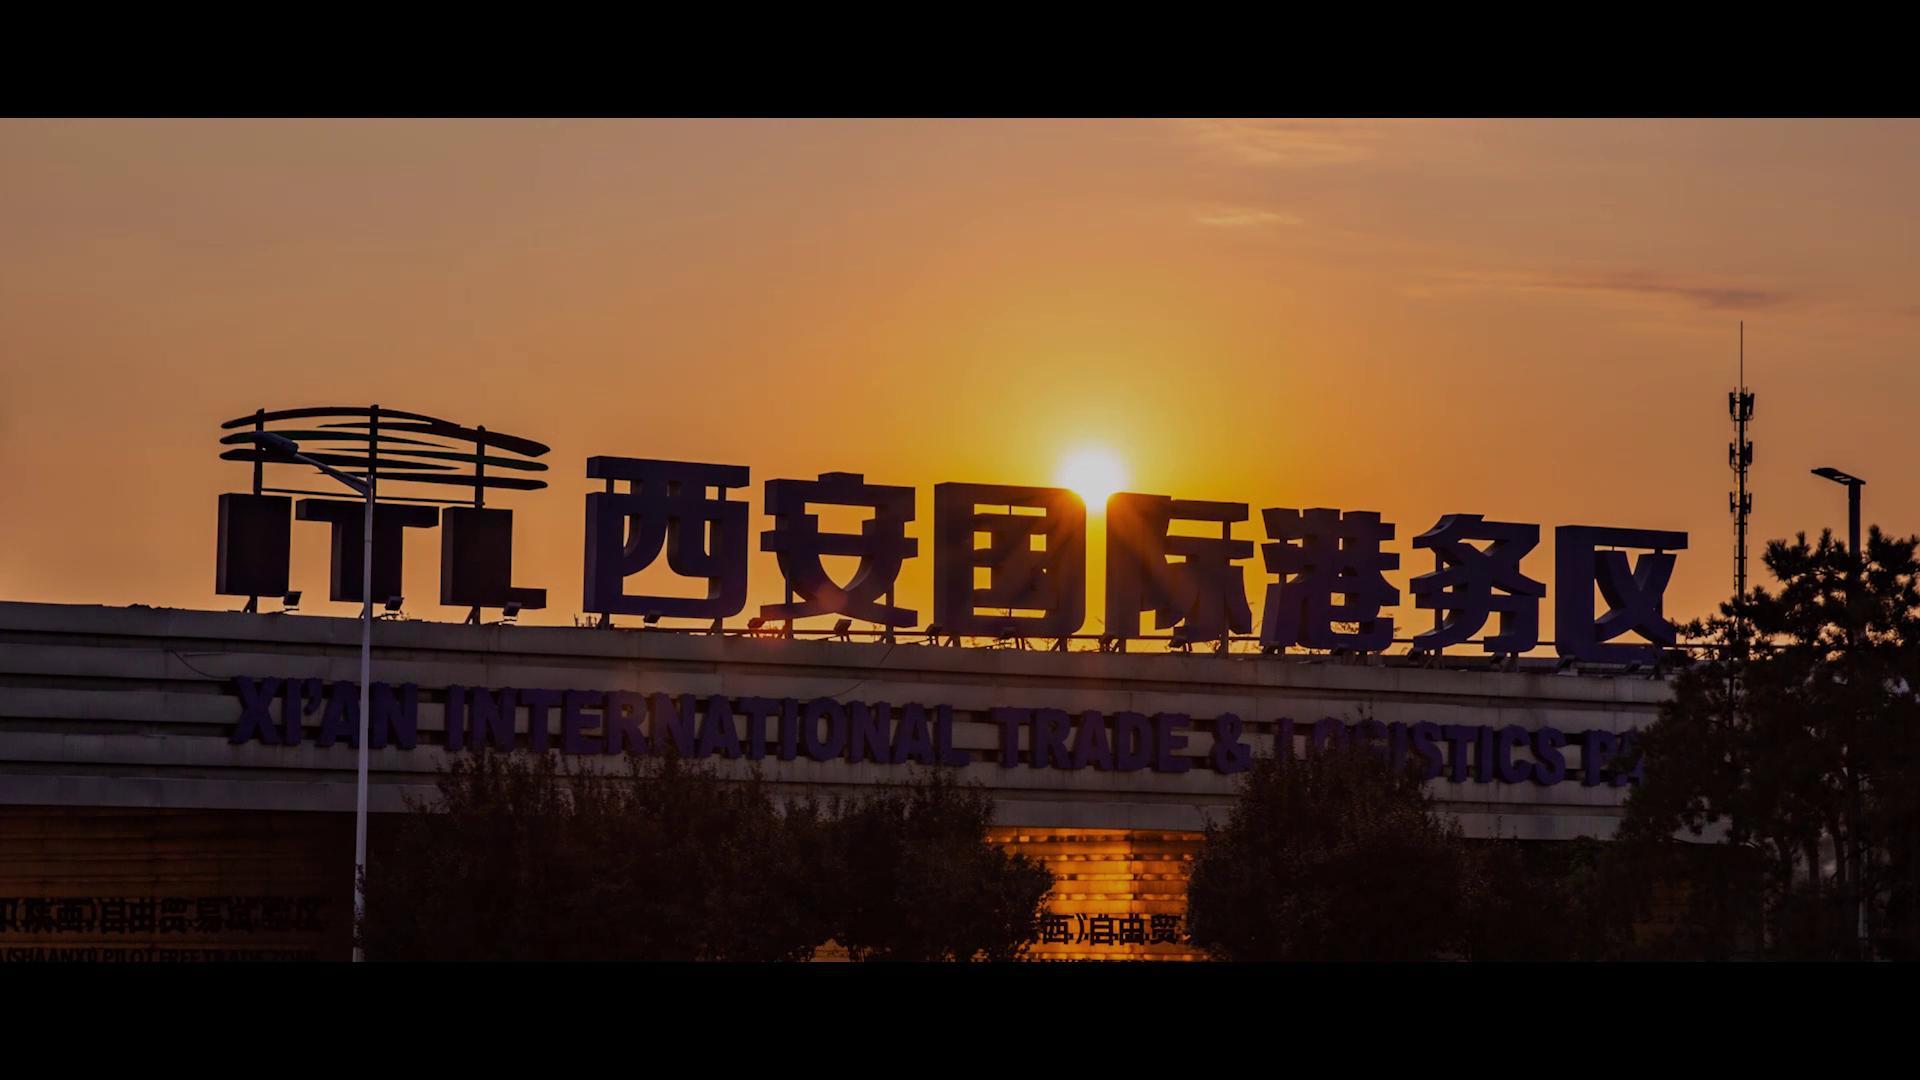 西安國際港務區:西安國際港務區人物篇